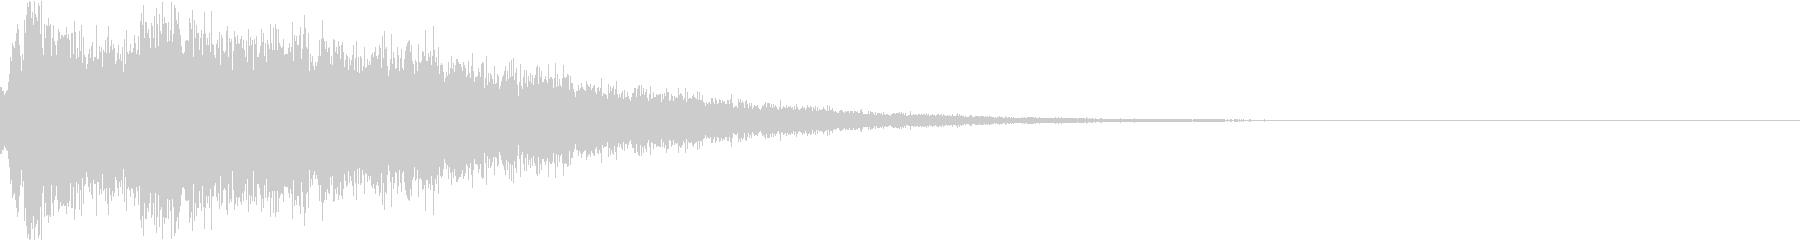 キューン:場面切替・シーン切替・ワープcの未再生の波形